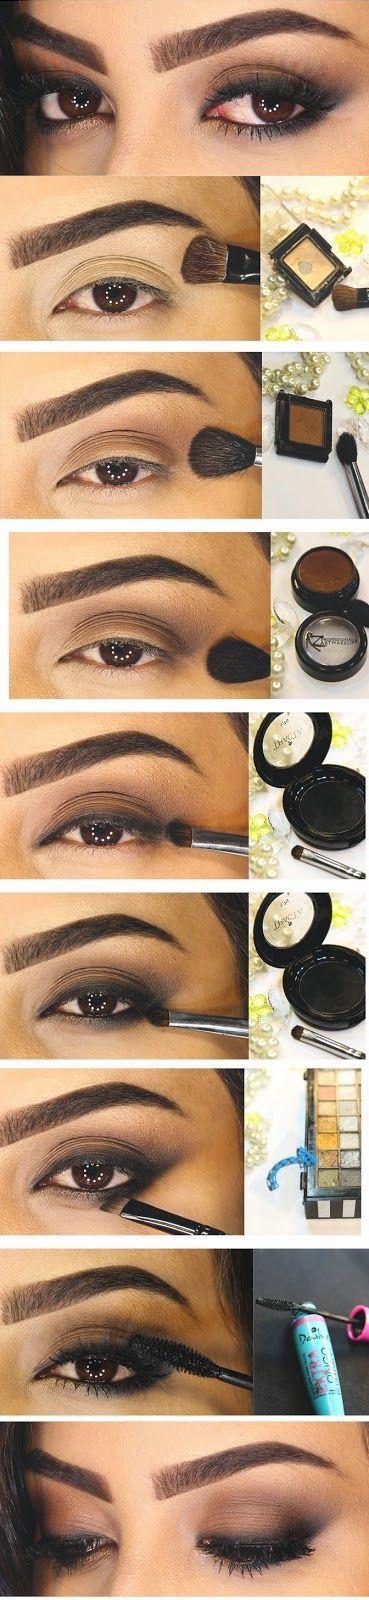 макіяж для східних жінок